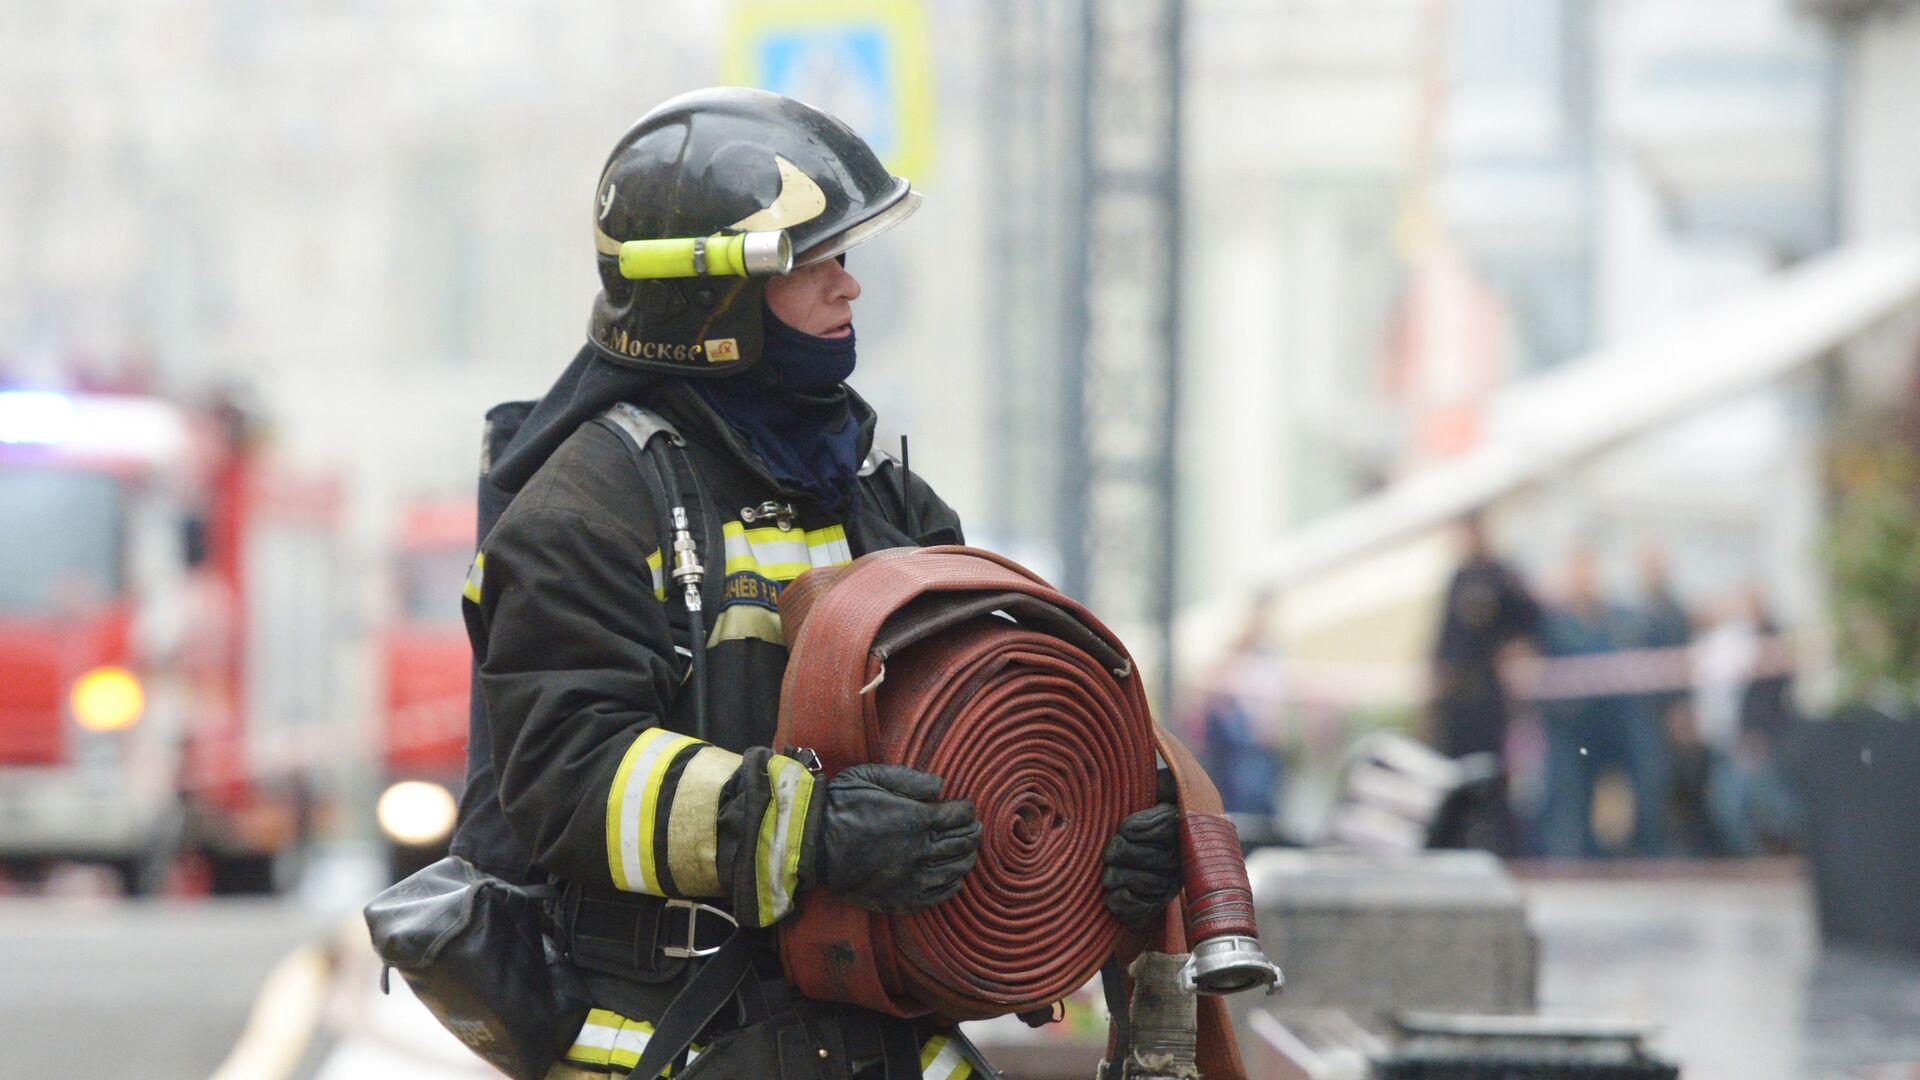 Сотрудник пожарной охраны, архивное фото - Sputnik Таджикистан, 1920, 07.06.2021